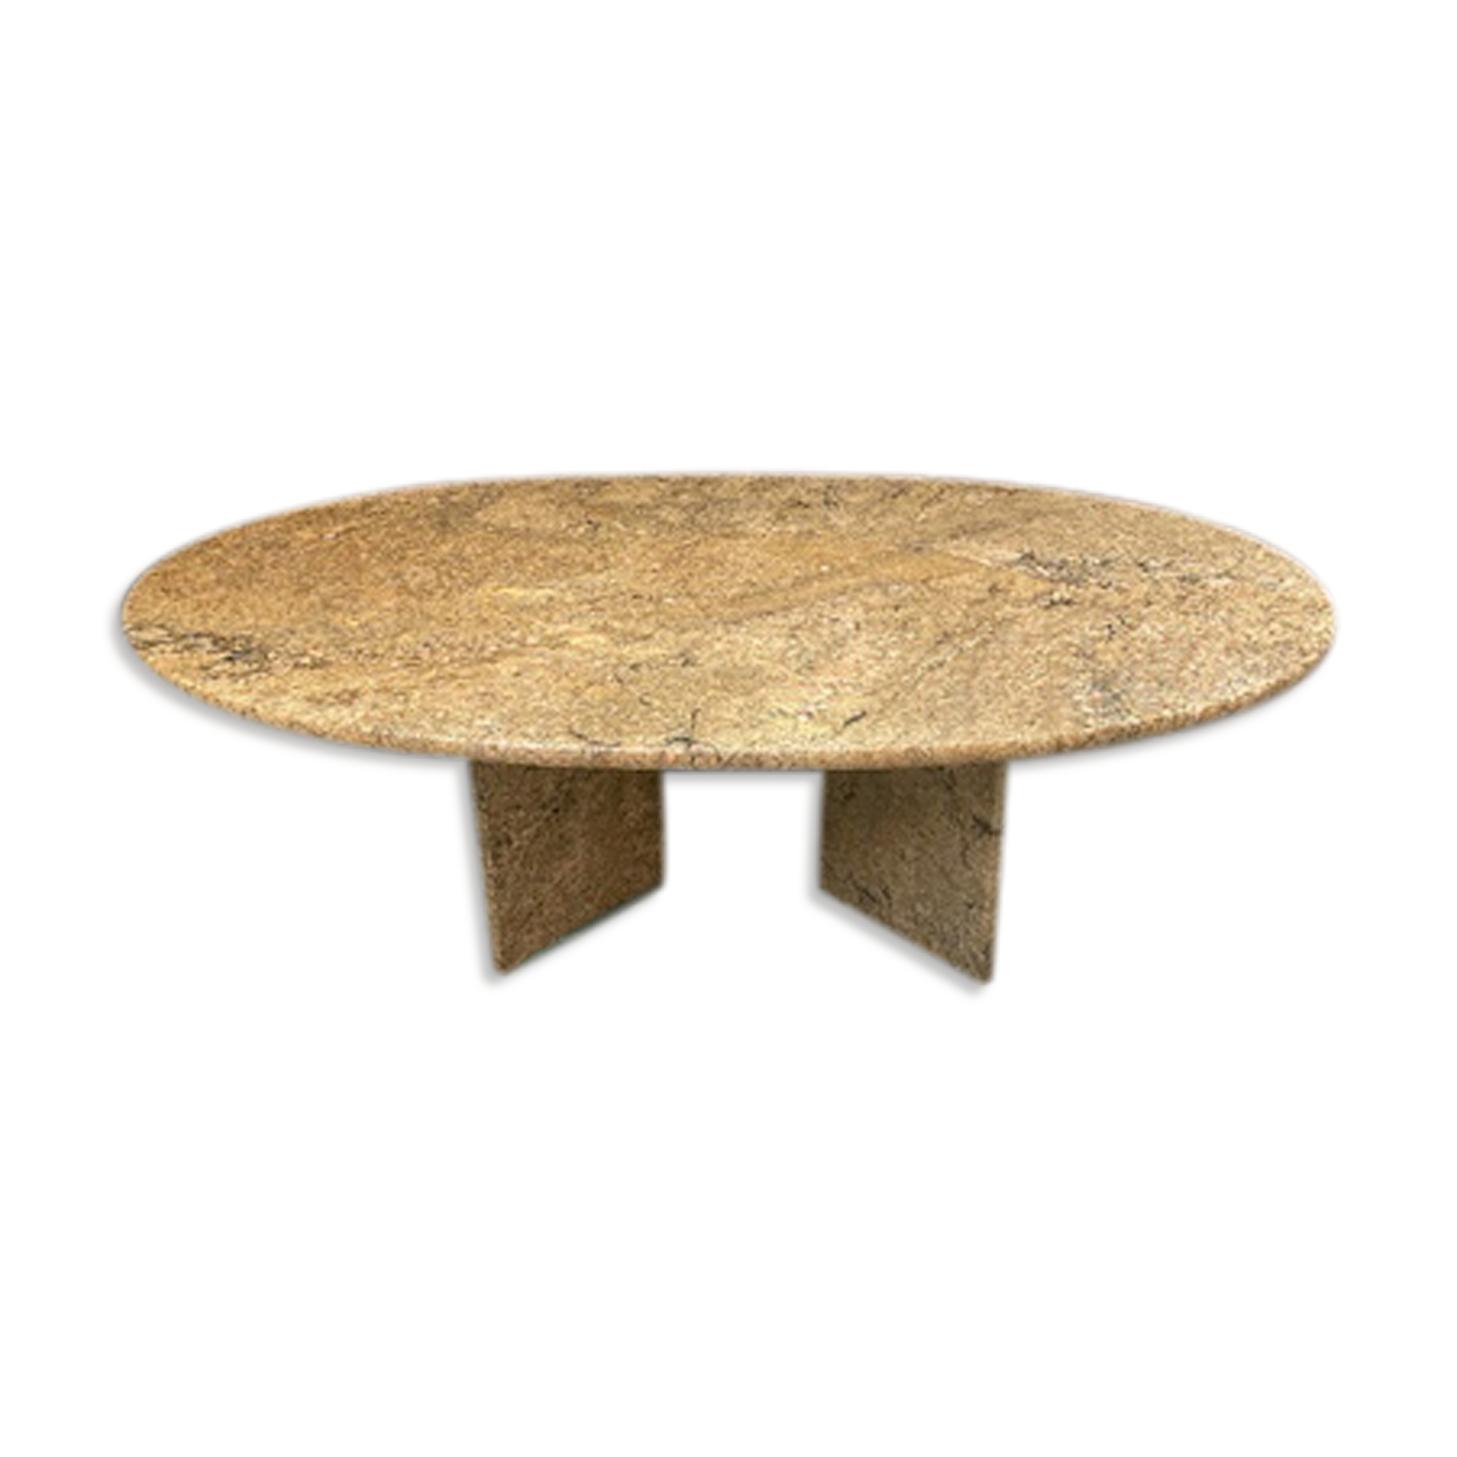 Table basse en granit brun beige années 80 vintage